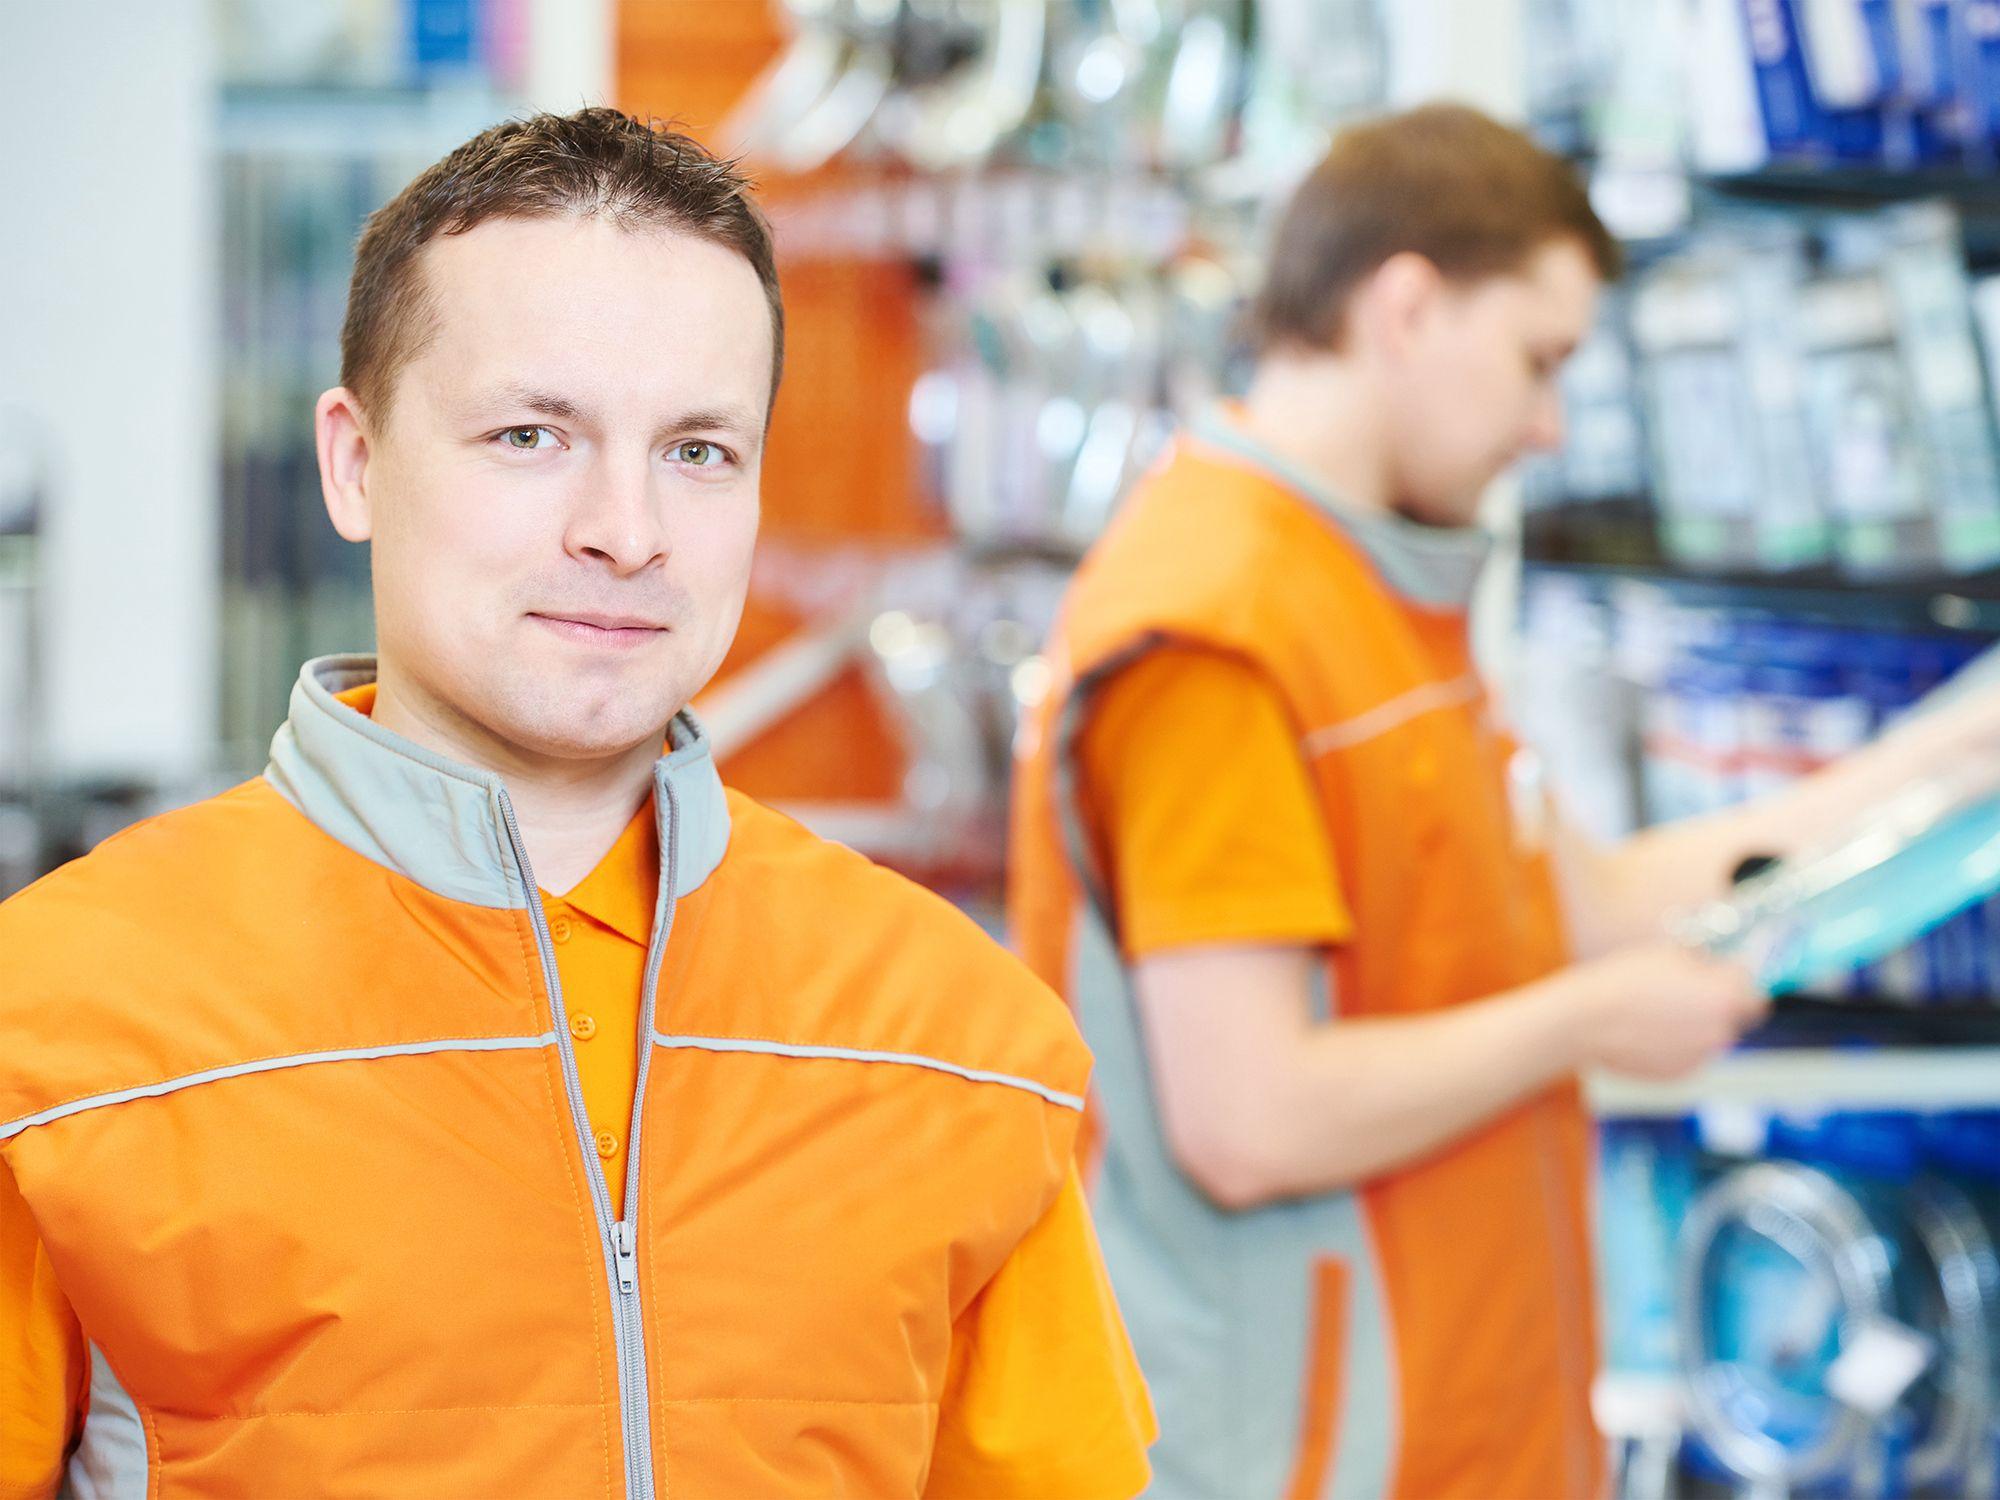 Level 2 - Merchandiser, Gestalter, Warenplatzierer, Warenpräsentierer, Verkaufsförderer, Visual Merchandiser, Inszenierer, Leiharbeiter, Zeitarbeiter, Leiharbeitnehmer, Leihkraft, Temporärarbeiter für den Einzelhandel, Kundenservice, Kundenbetreuung, Kundenbindung, Außenhandel, Warenpräsentation, Außendienst, Vertrieb, Direktvertrieb, Vertriebsberatung, Verkaufsförderung, Absatzförderung, Verkaufsinnendienst, Verkaufsabteilung, Merchandising und Großhandel bei uns als Personalagentur, Zeitarbeitsfirma, Zeitarbeitsunternehmen, Personal-Service-Agentur, Personaldienstleistungsagentur und Leiharbeitsfirma per Arbeitnehmer-Leasing, Arbeitnehmerüberlassung, Arbeitskräfte-Leasing, Arbeitskräfteüberlassung, Arbeitskraftüberlassung, Leiharbeit, Mitarbeiter-Leasing, Mitarbeiterleasing, Mitarbeiterüberlassung, Personaldienstleistung, Personalleasing, Personalüberlassung, Temporärarbeit, Zeitarbeit buchen, mieten, leihen oder langfristig neue Mitarbeiter für Jobs wie Schülerjobs, Ferienjobs, Aushilfsjobs, Studentenjobs, Werkstudentenjobs, Saisonjobs, Vollzeit Jobs, Teilzeit Jobs, Nebenjobs, Temporär Jobs, Gelegenheitsjobs per Personalvermittlung suchen, finden und vermittelt bekommen.